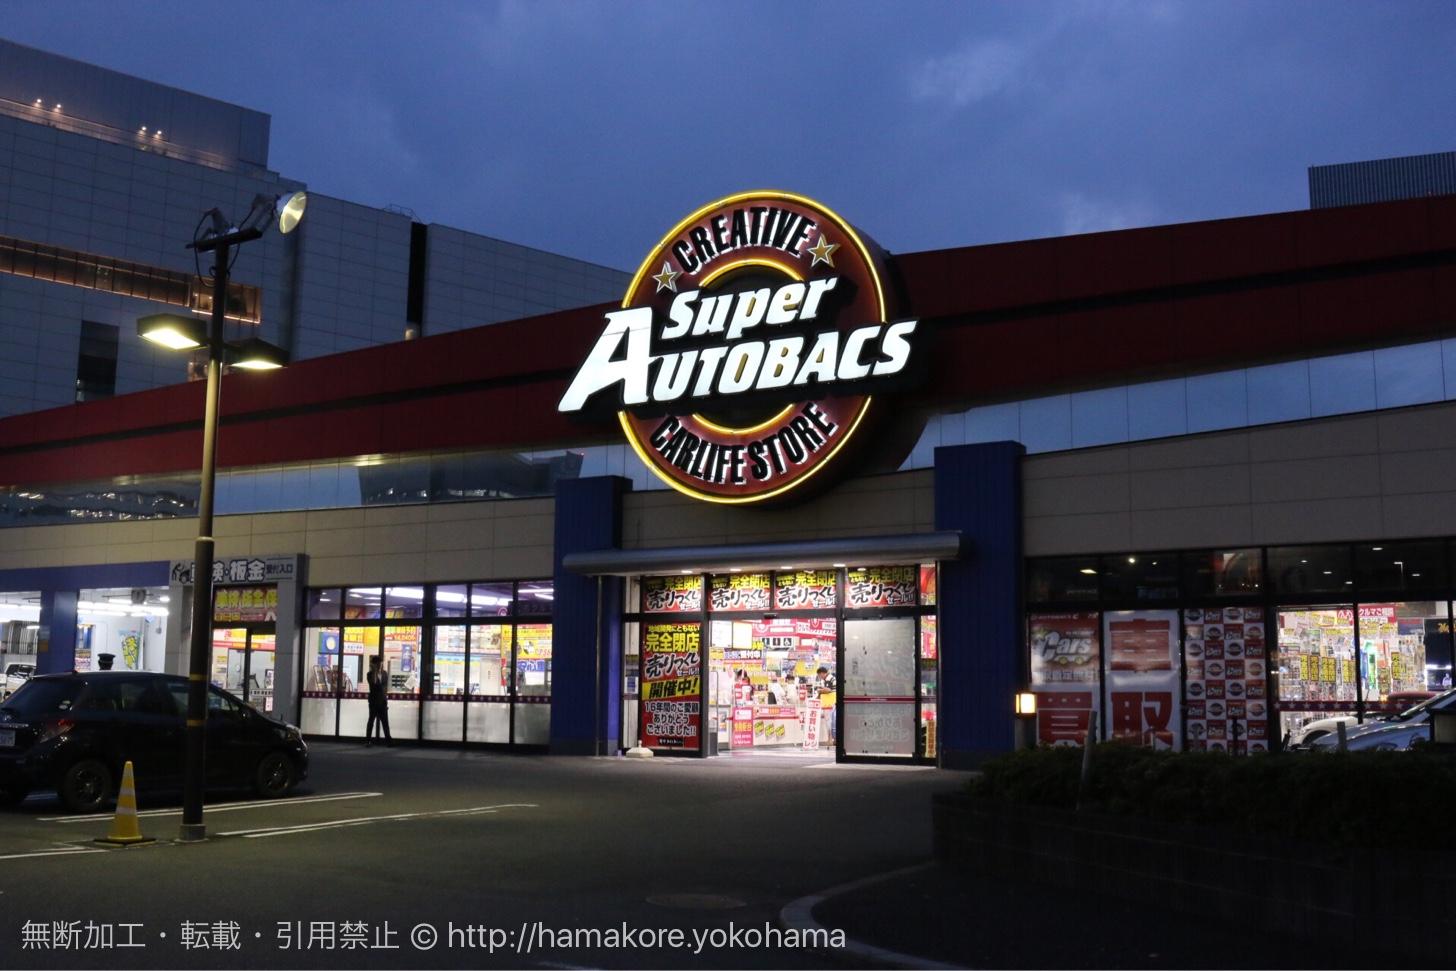 閉店前のスーパーオートバックス 横浜みなとみらい店